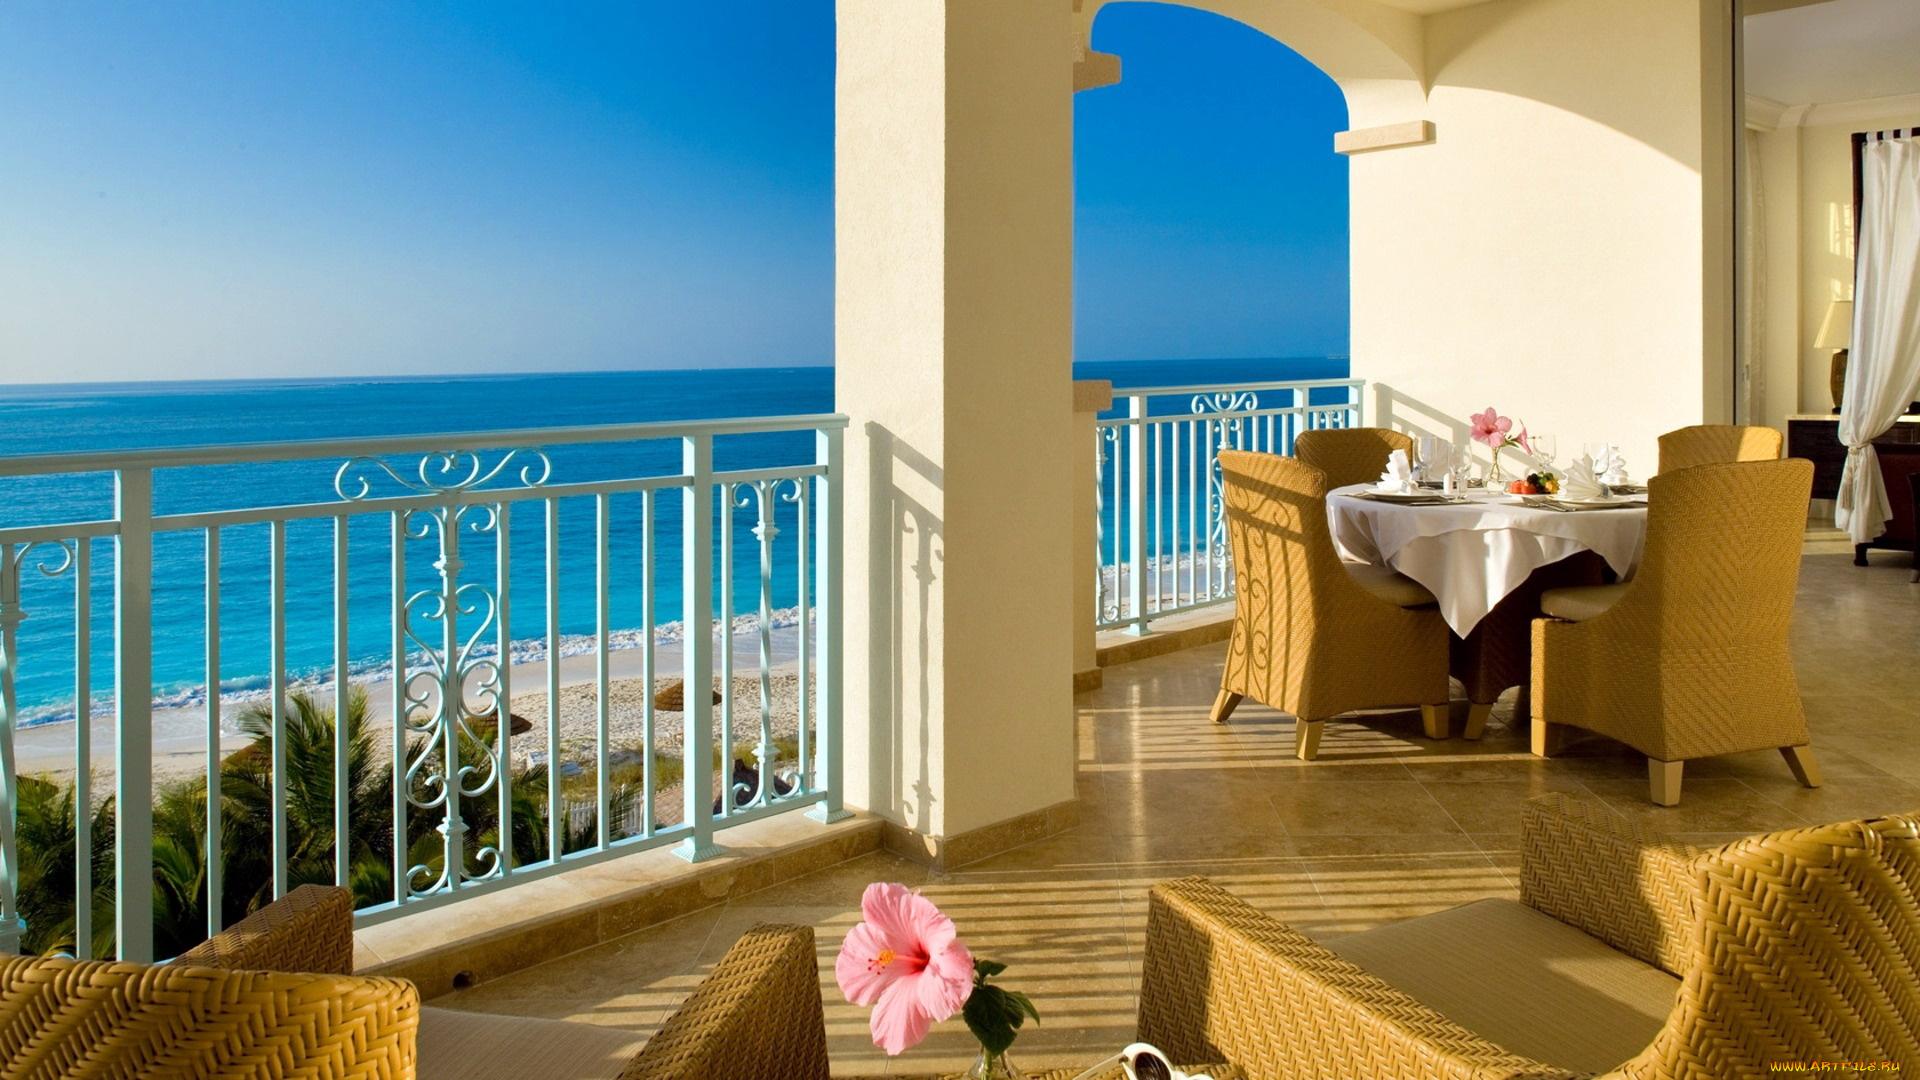 Скачать обои интерьер, веранды, , террасы, , балконы, кресла.